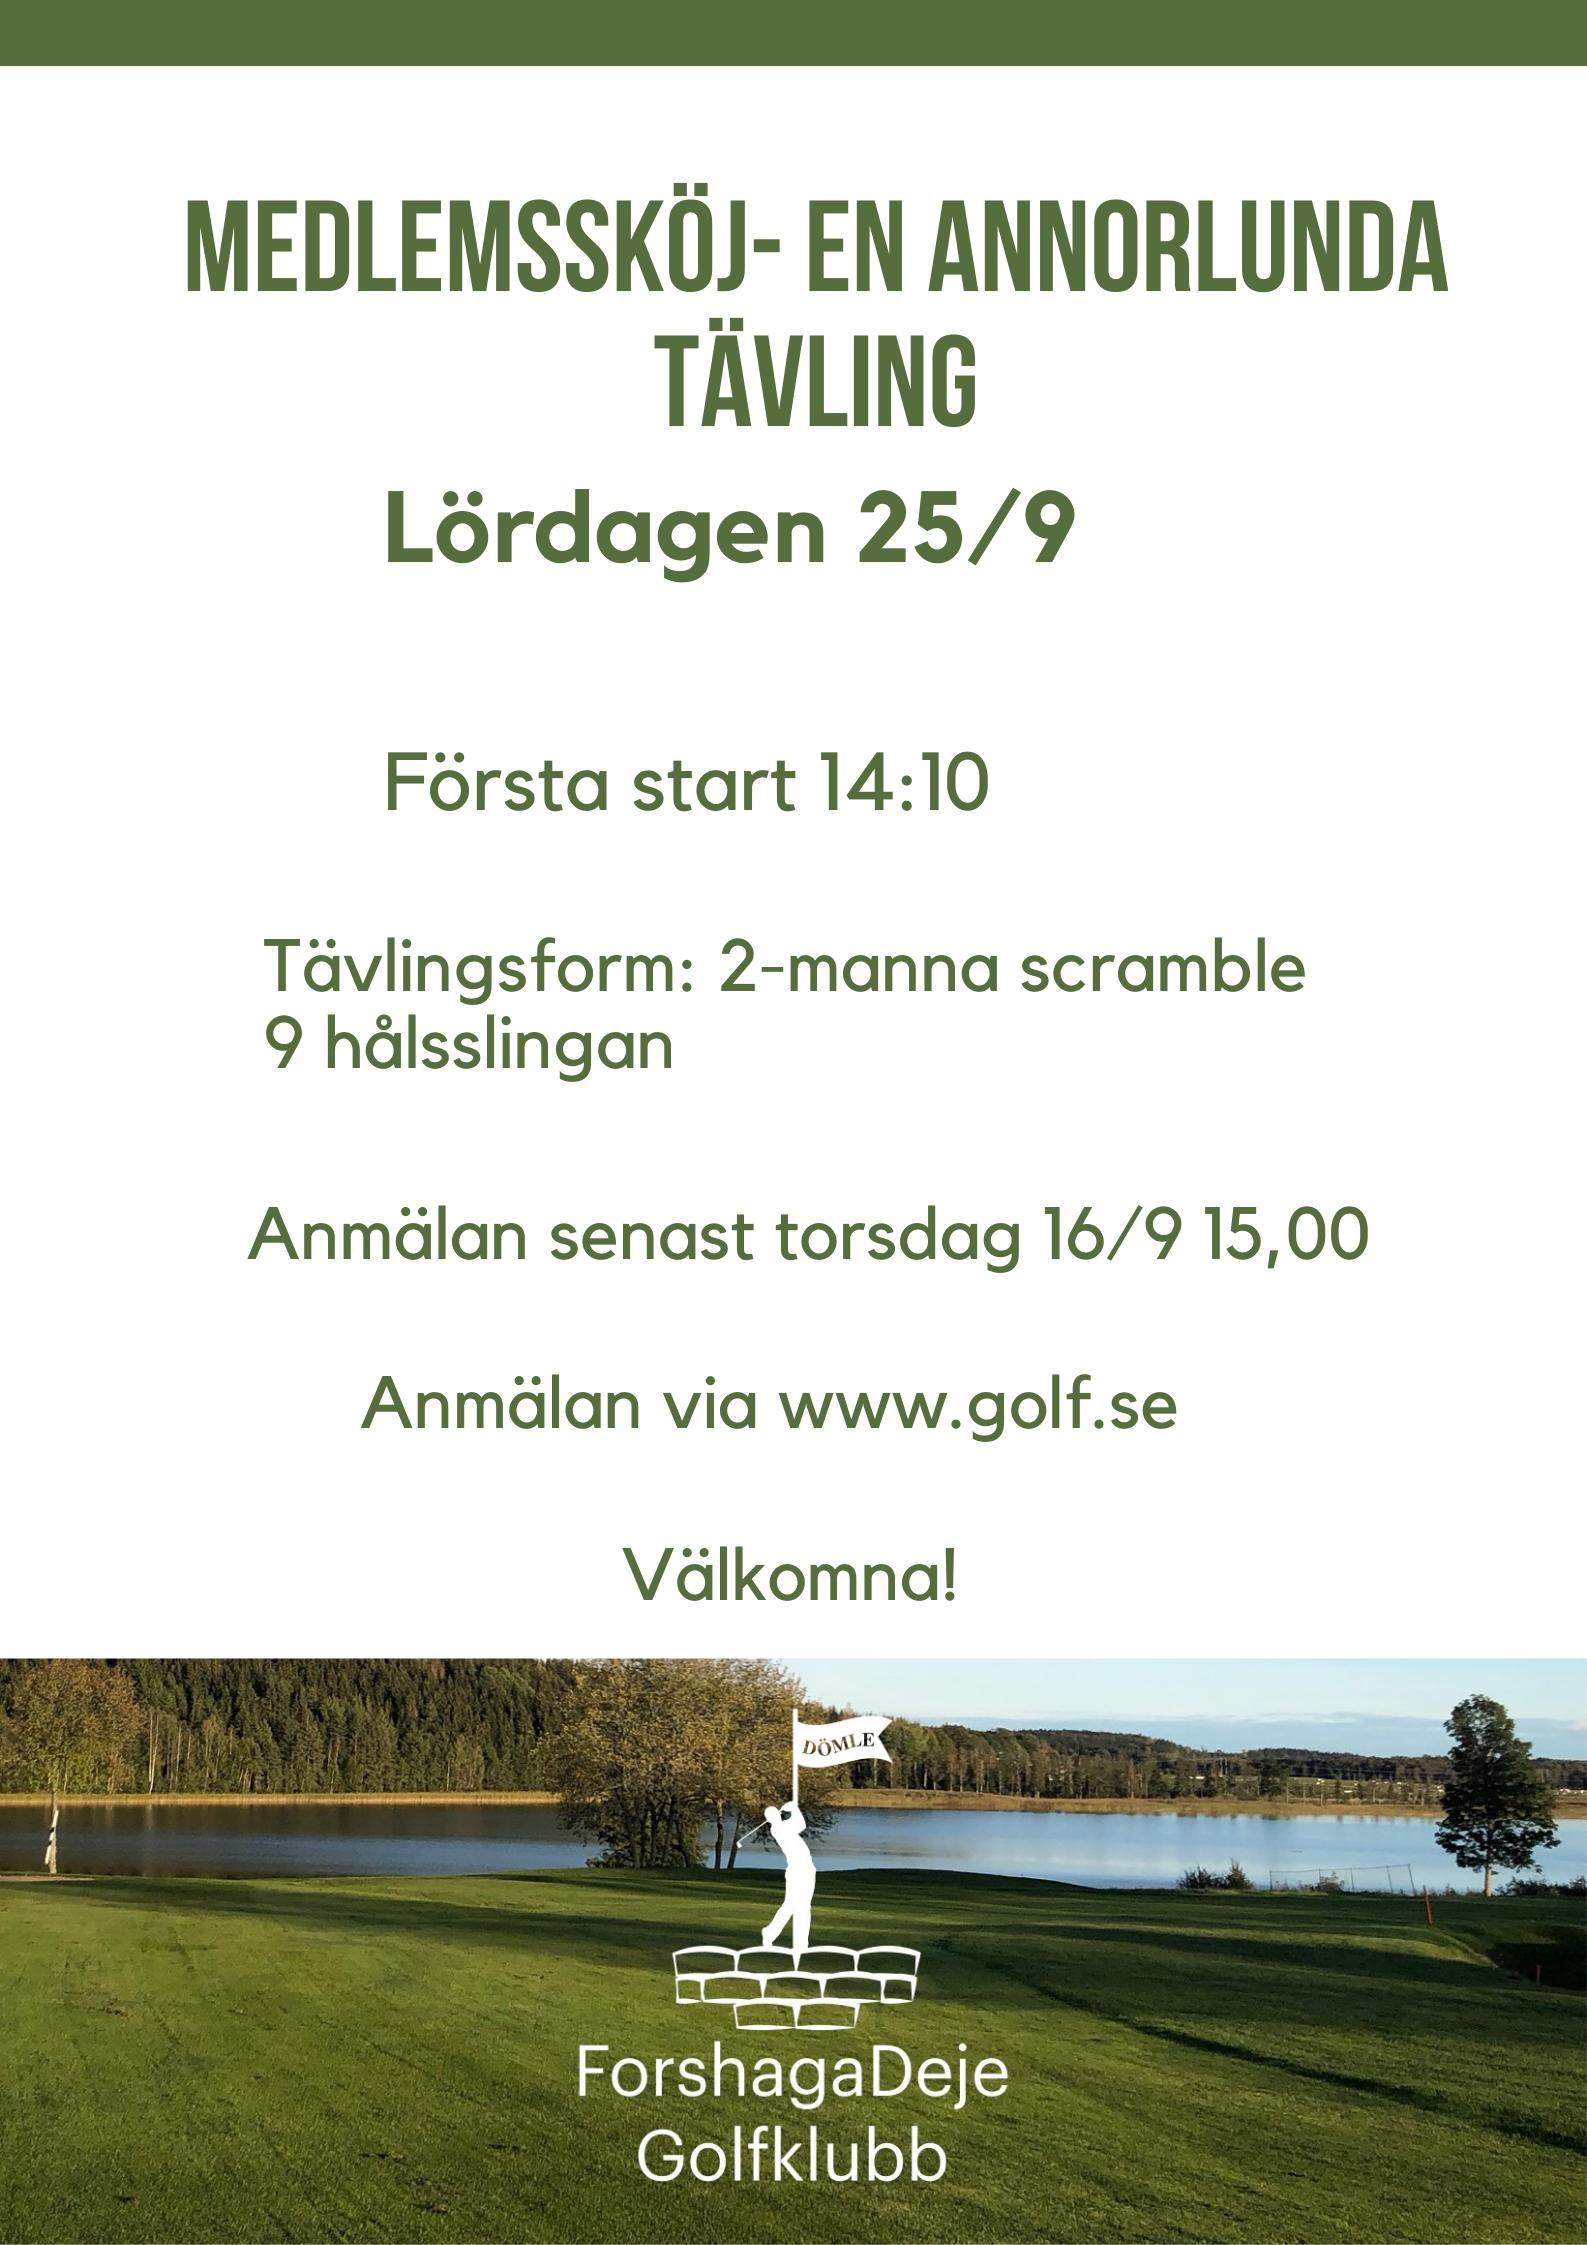 """Featured image for """"Medlemssköj – En annorlunda tävling"""""""